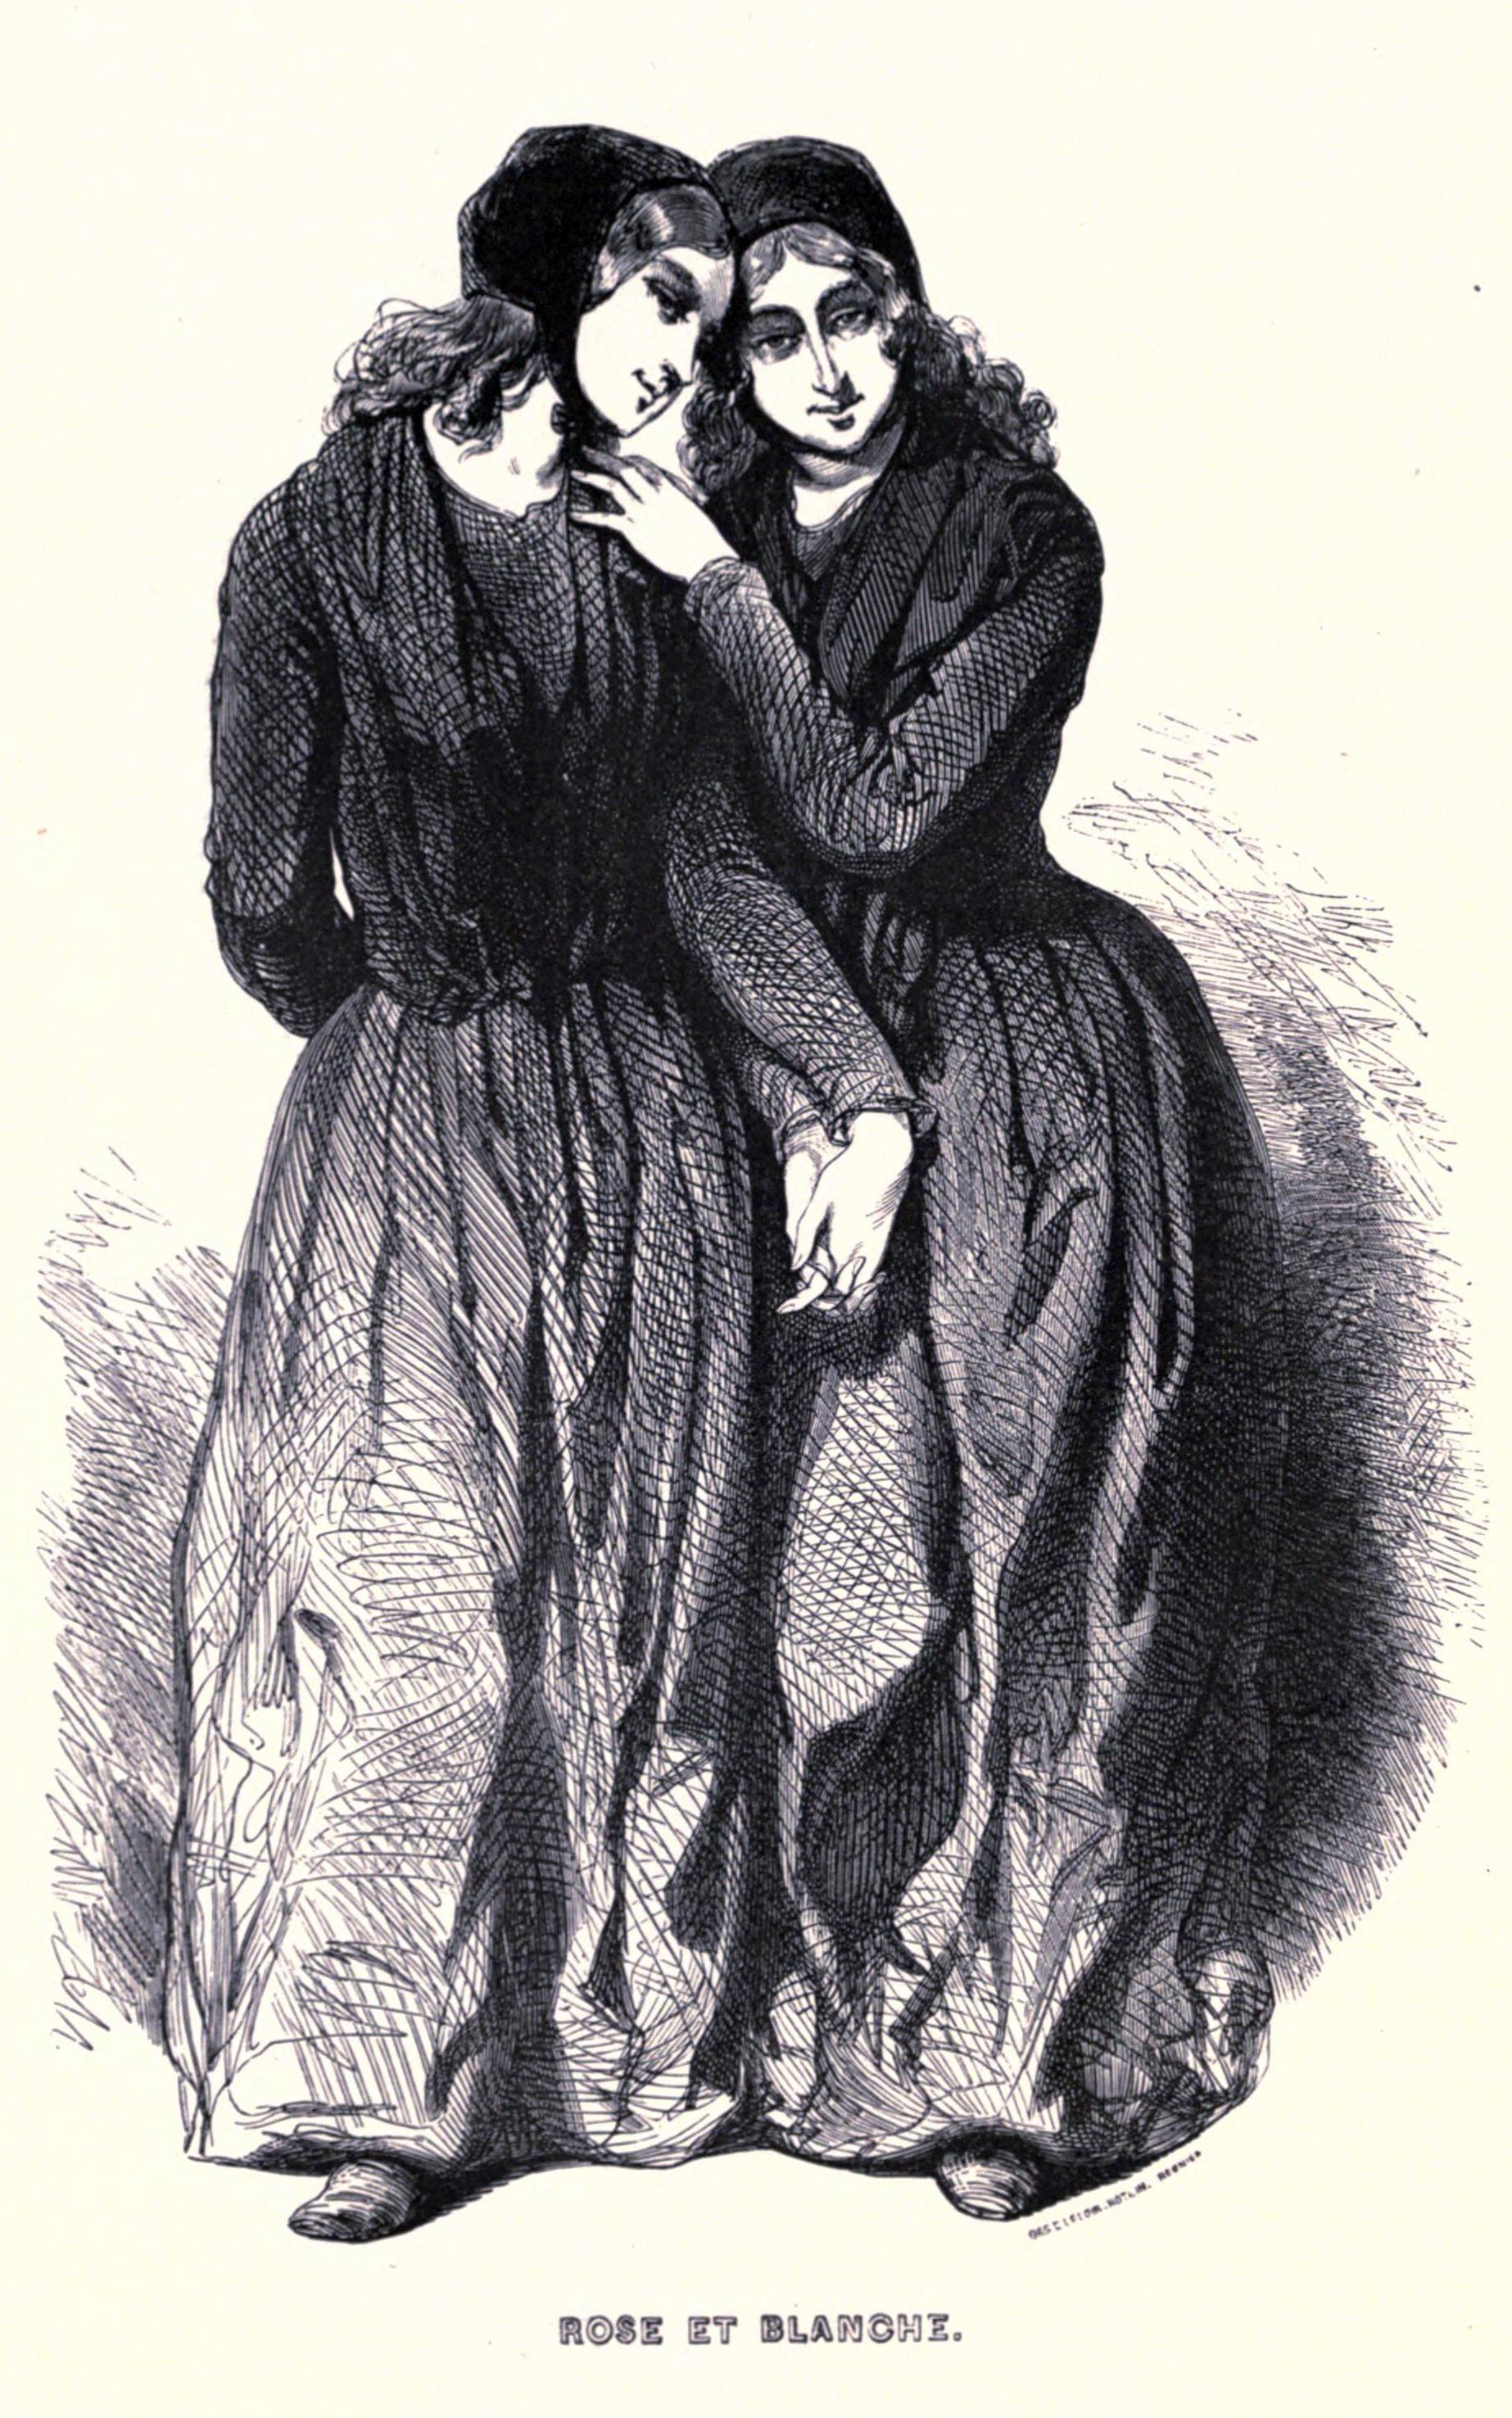 filerose et blanche gavarnijpg - Rose Et Blanche